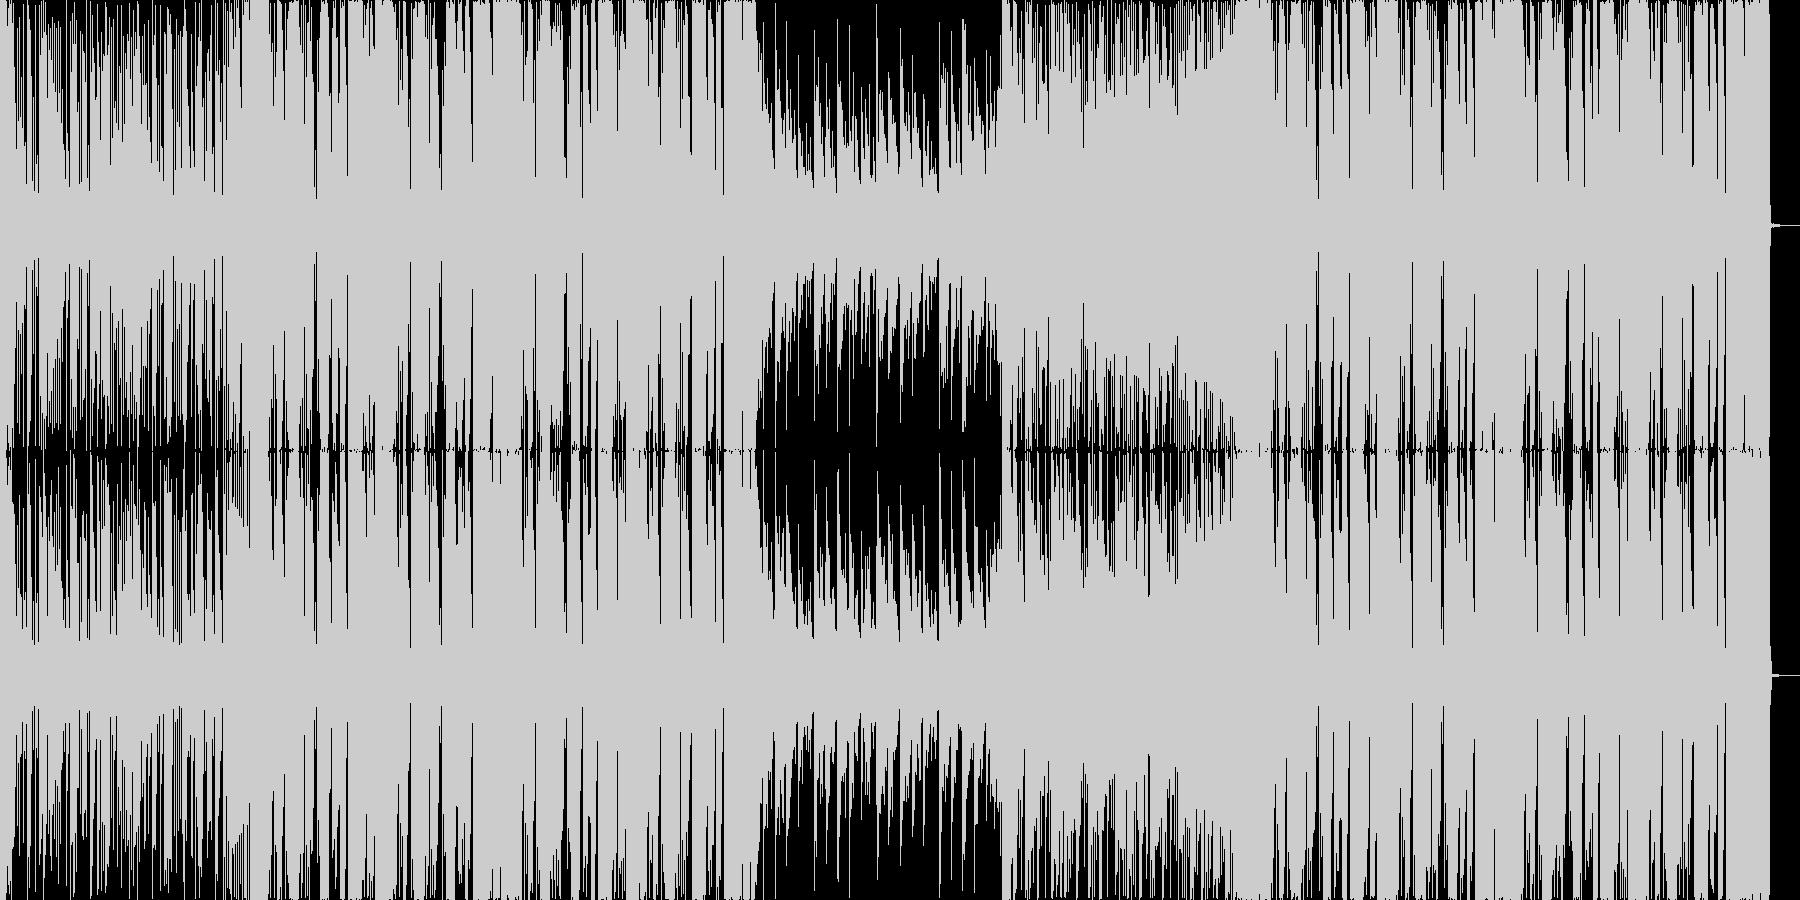 スタイリッシュなFutureBassの未再生の波形